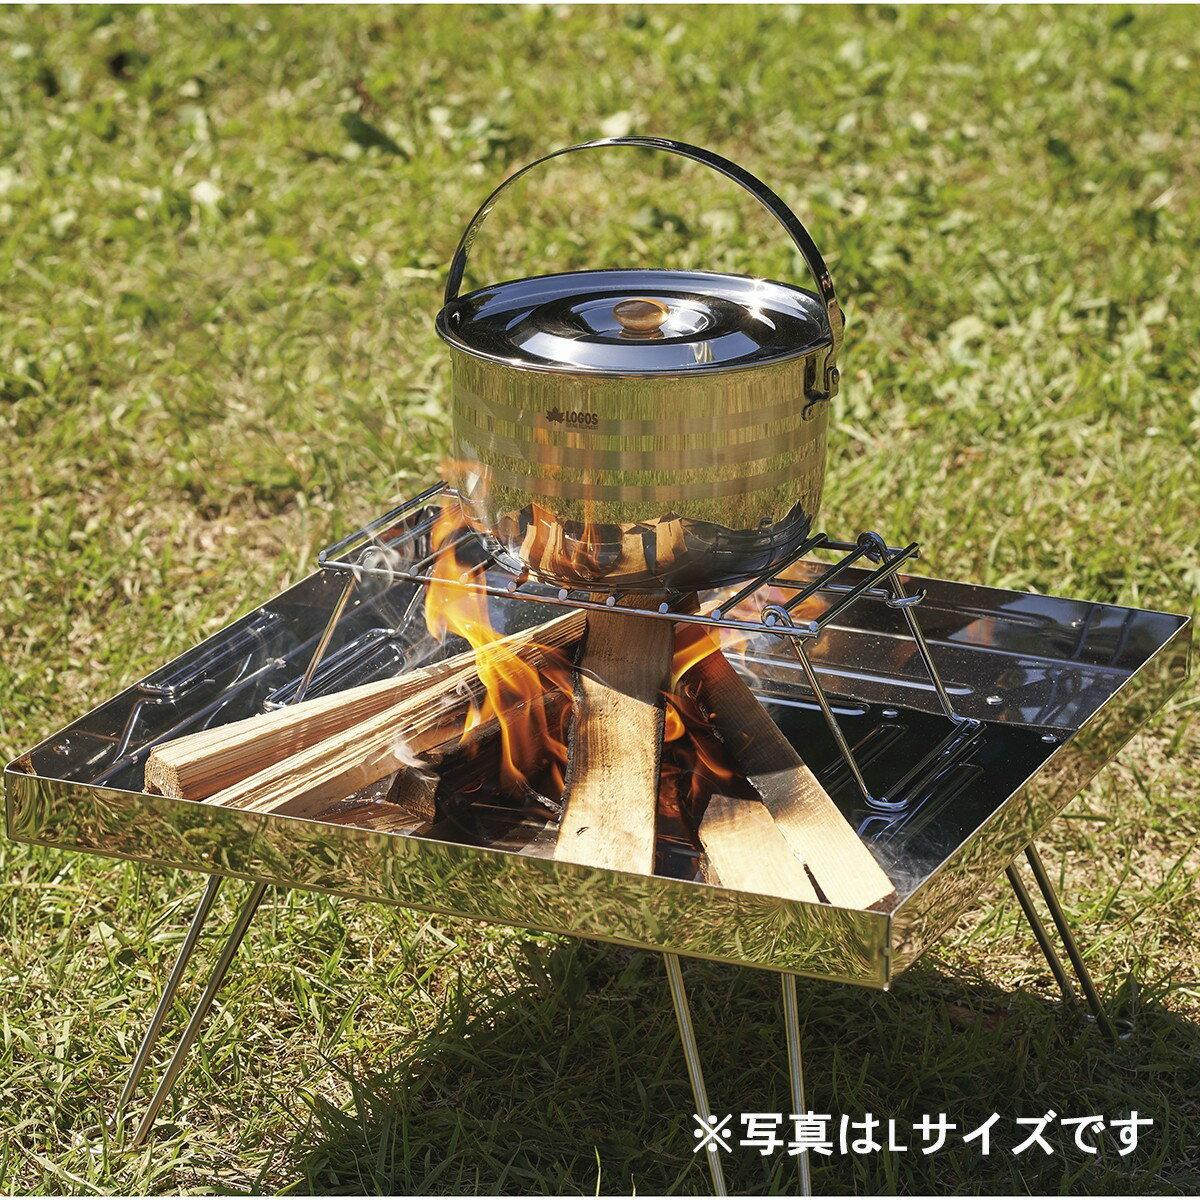 LOGOS/ロゴス ファイヤーラック XL 折り畳み式の耐熱ラック ピラミッドTAKIBIにセットすればケトルや小鍋でたき火調理ができます